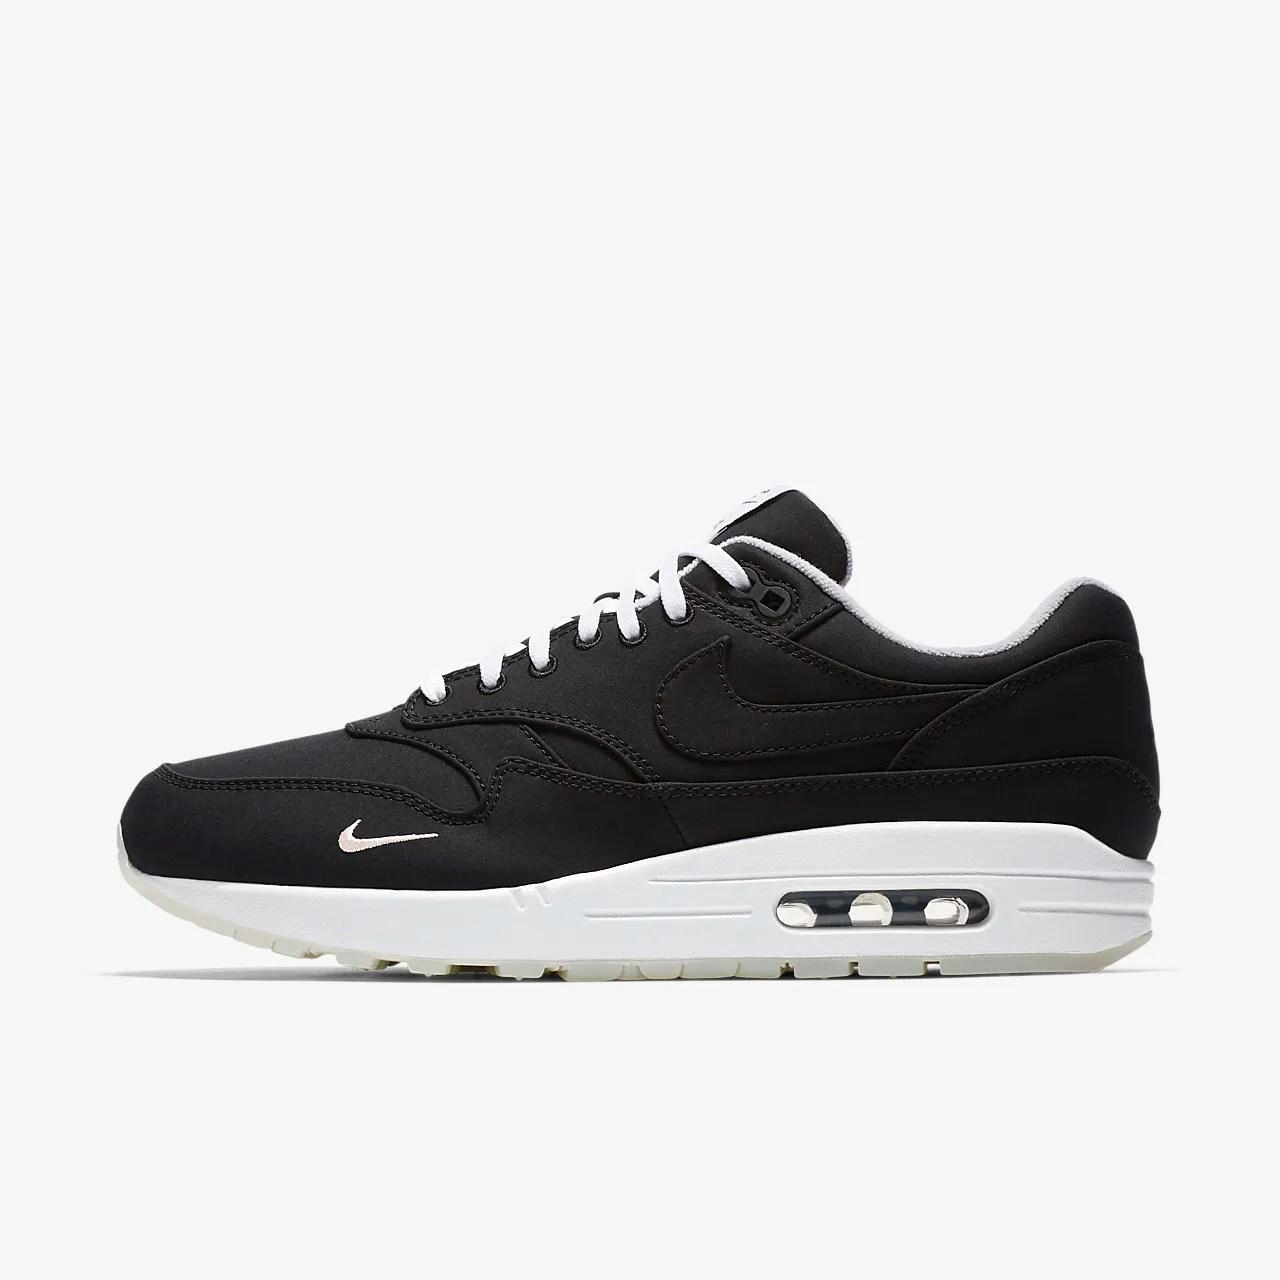 Nike Air Max 1 / DSM 男子運動鞋-耐克(Nike)中國官網